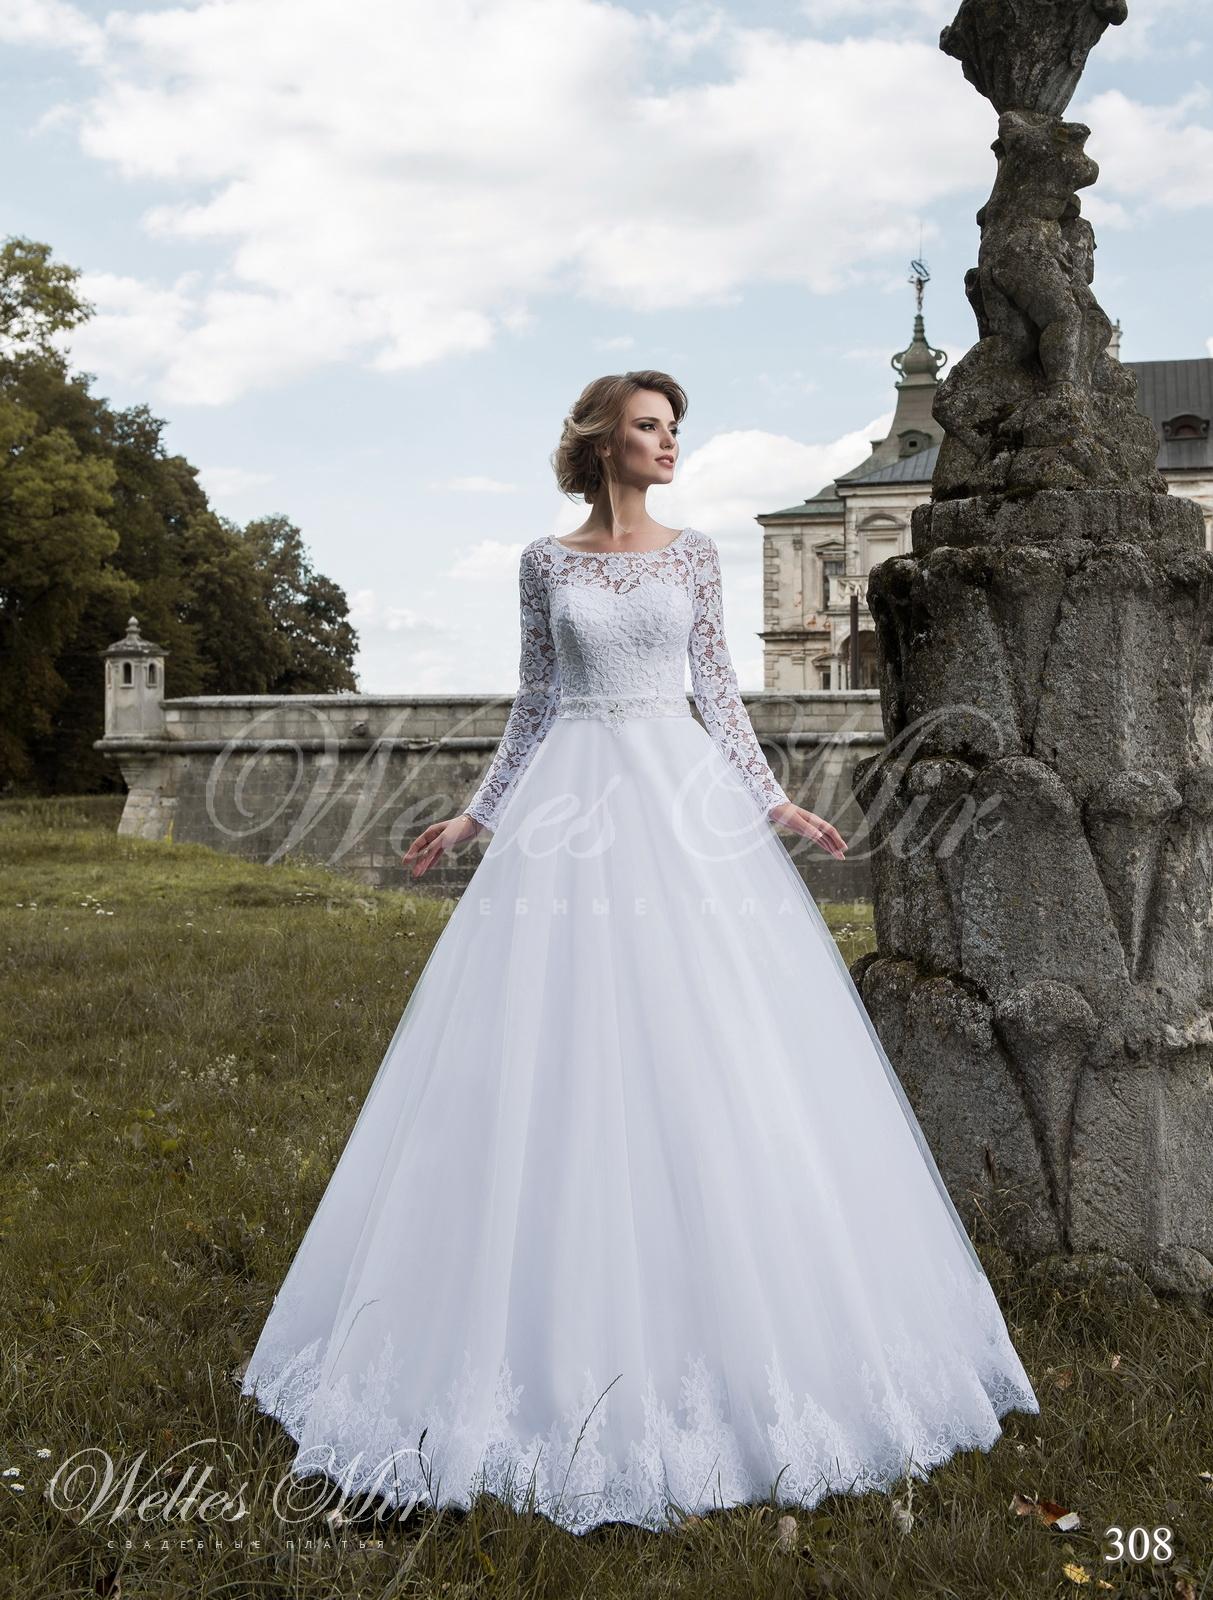 Свадебные платья Exquisite Collection - 308